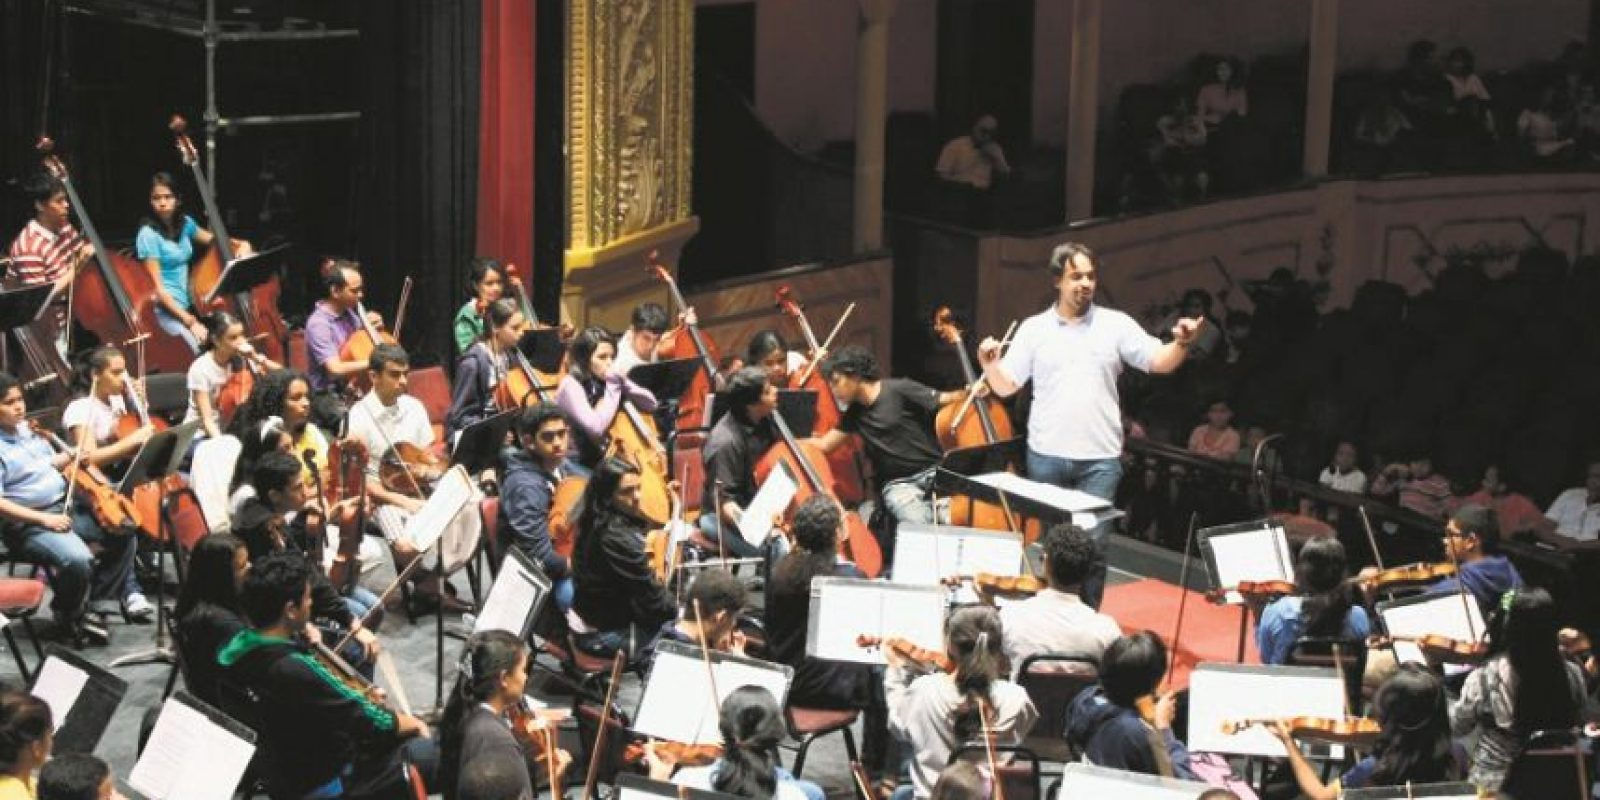 La Sinfónica Juvenil comprende más de 300 alumnos. Foto:Fuente externa